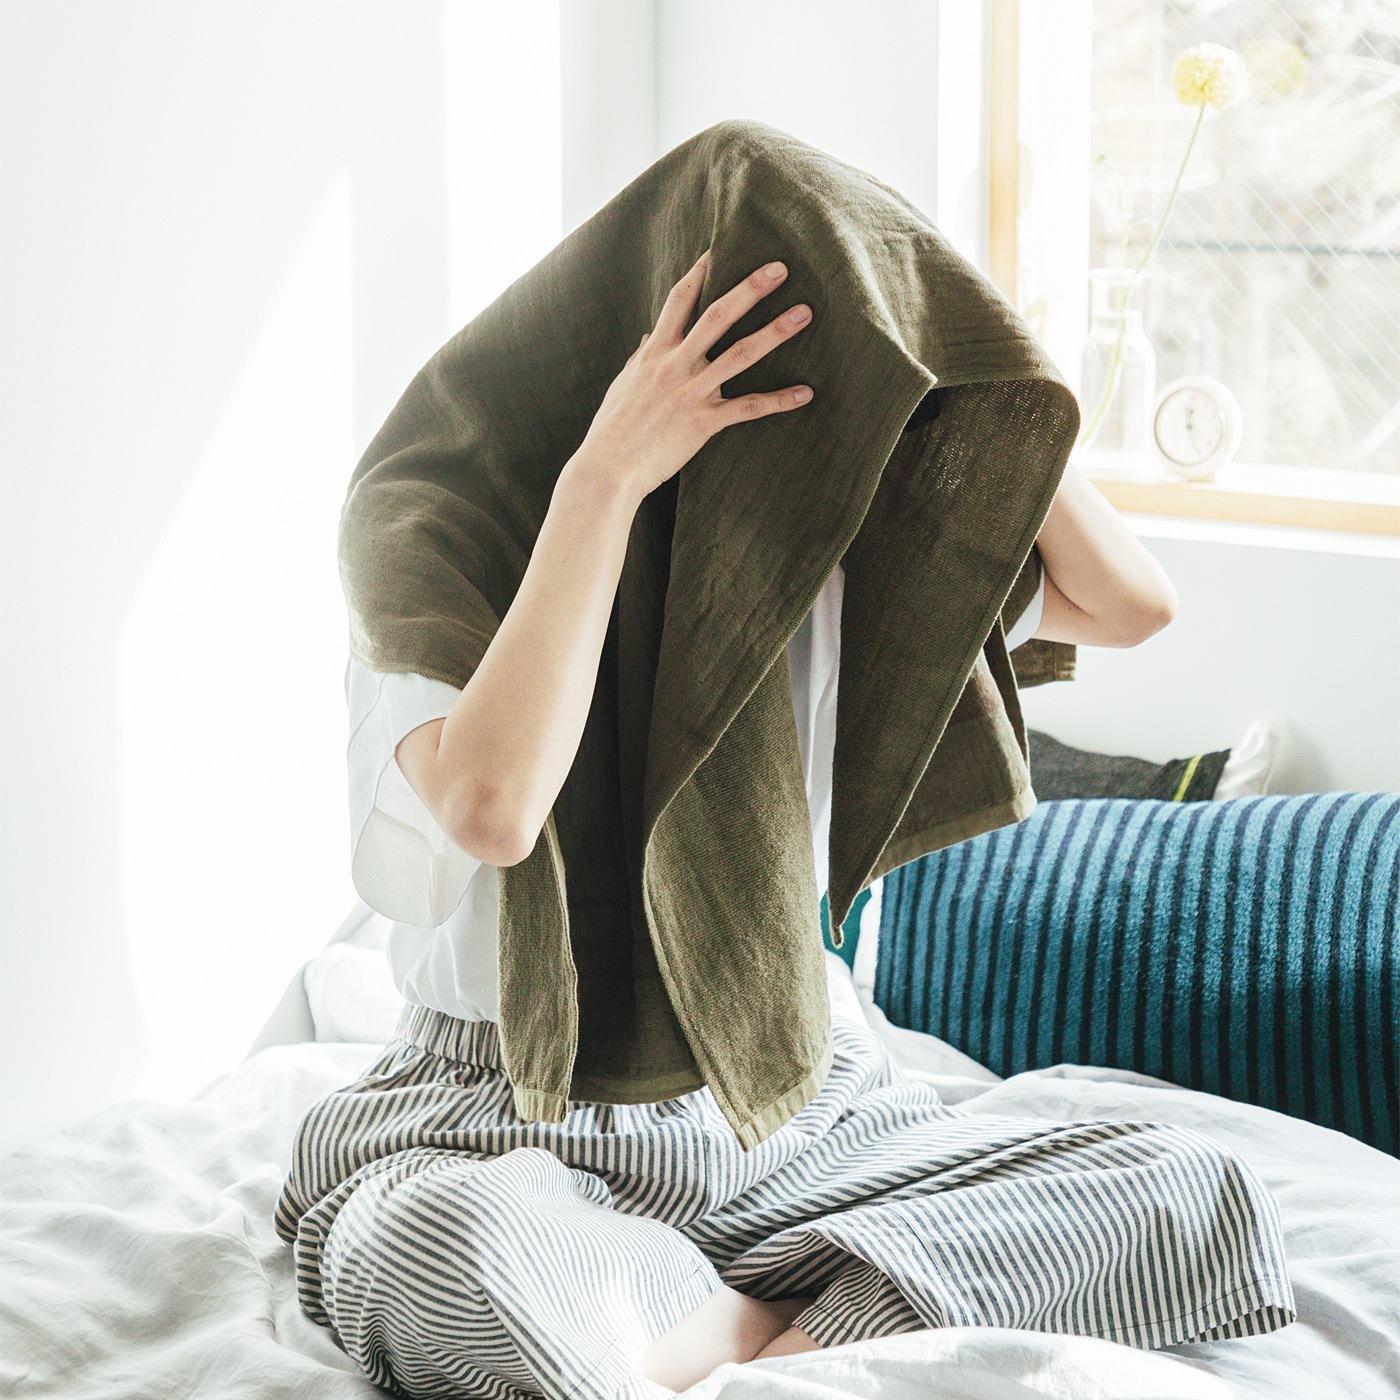 古着屋さんで見つけたようなリネンガーゼと綿パイルのバスタオル〈ヴィンテージカラー〉の会